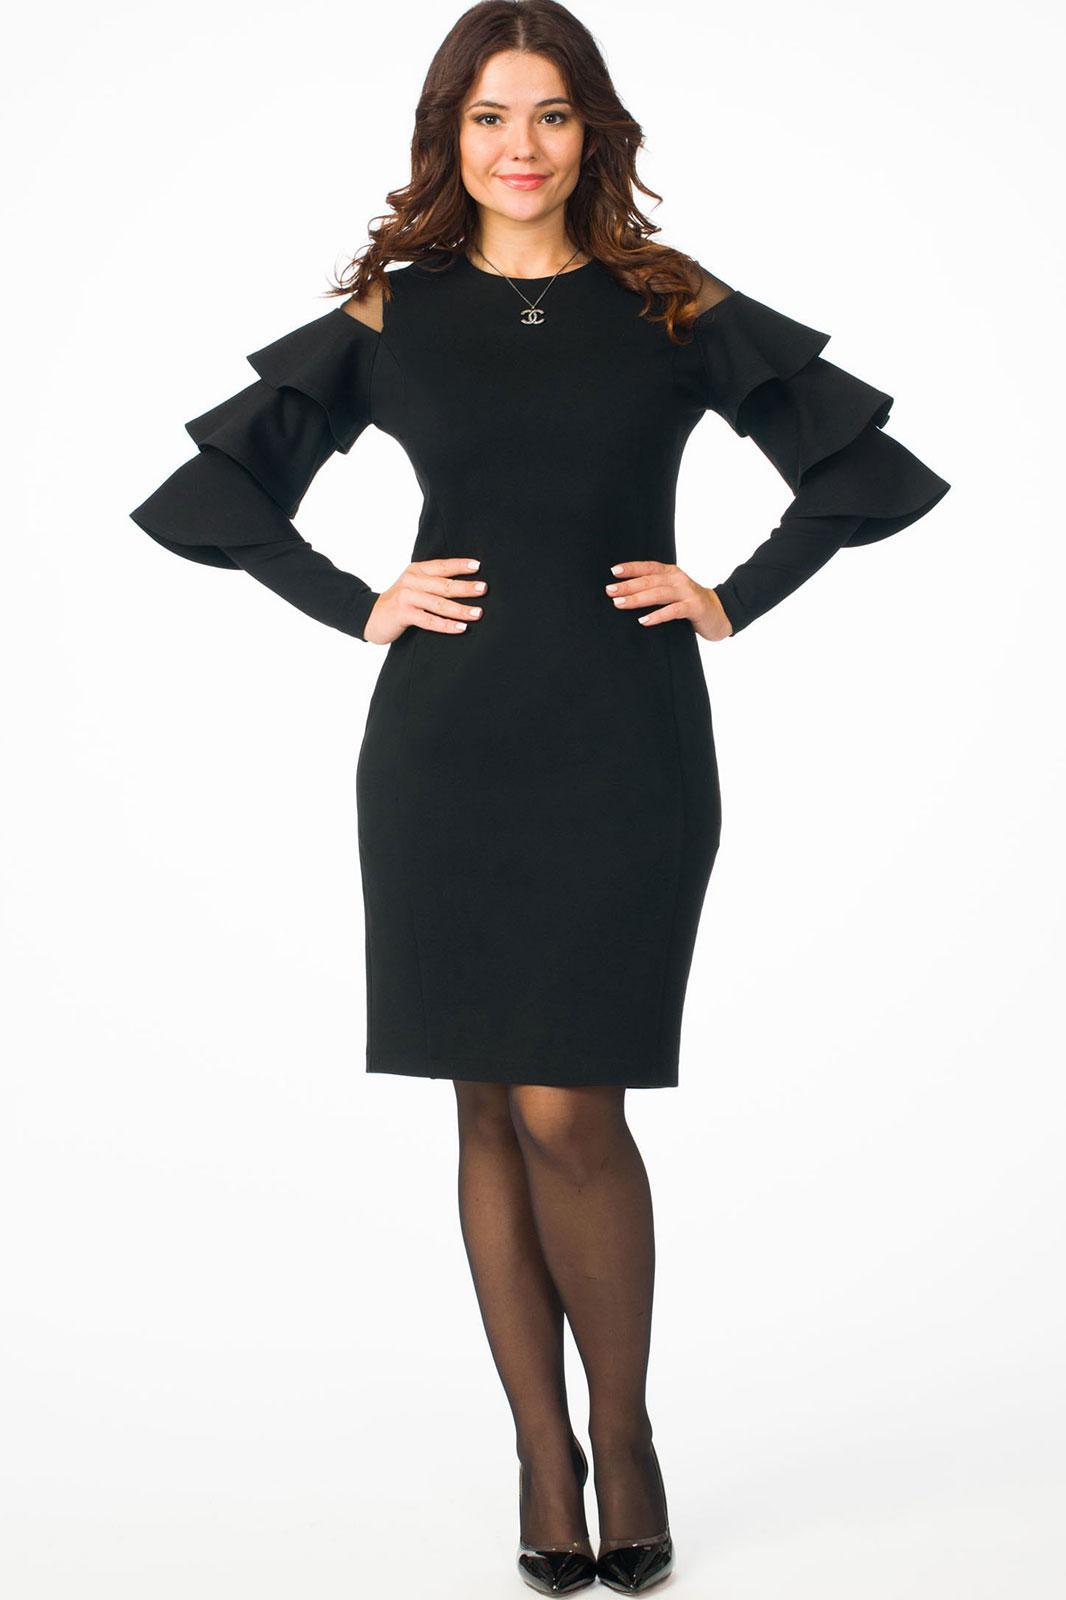 Купить Платье Melissena, 809 чёрный, Беларусь